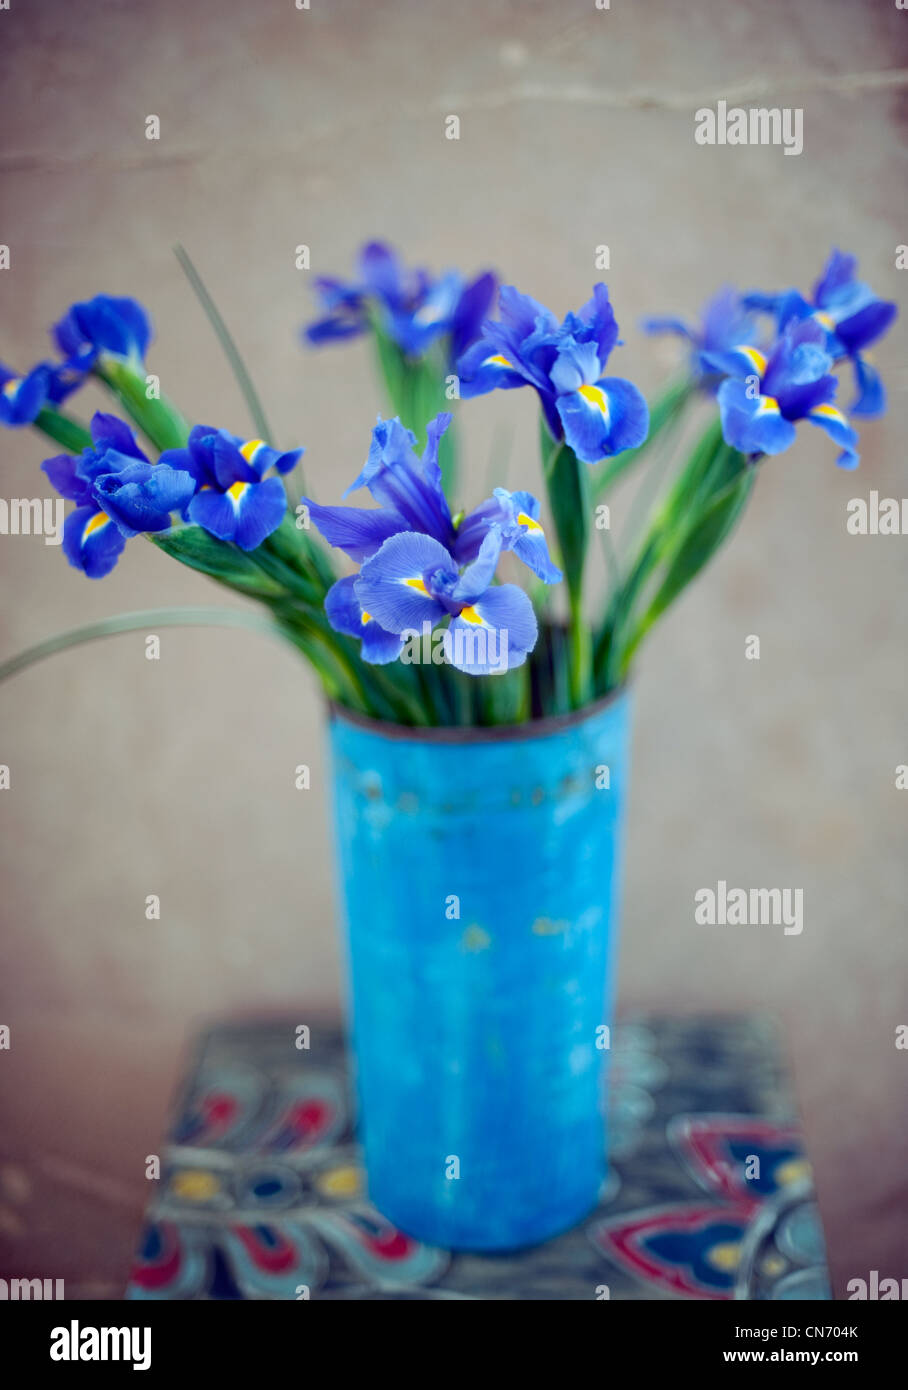 Iris Blumen in einer Vase. Stockbild